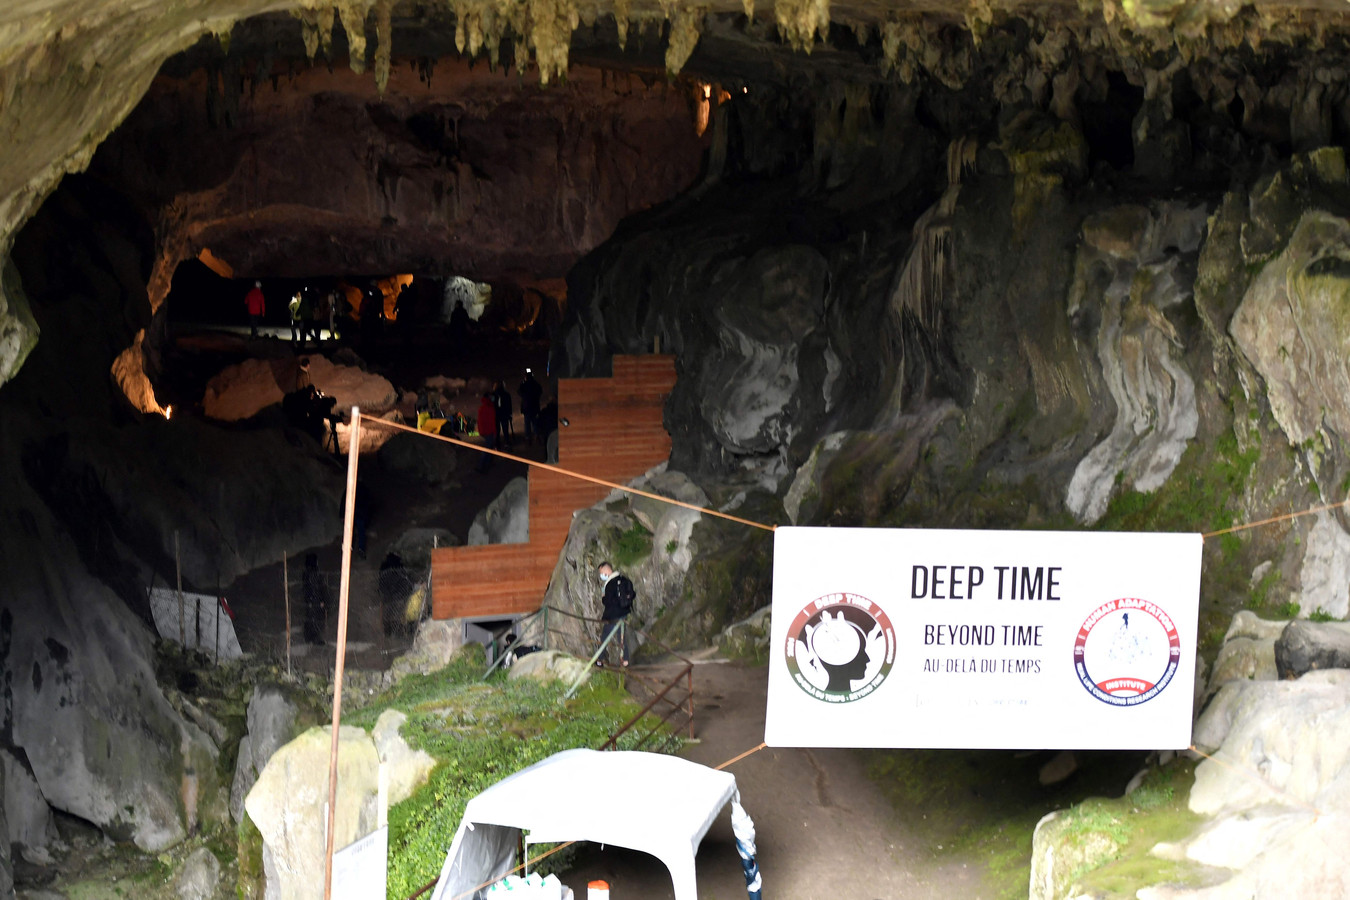 Het experiment werd 'Deep Time' gedoopt.